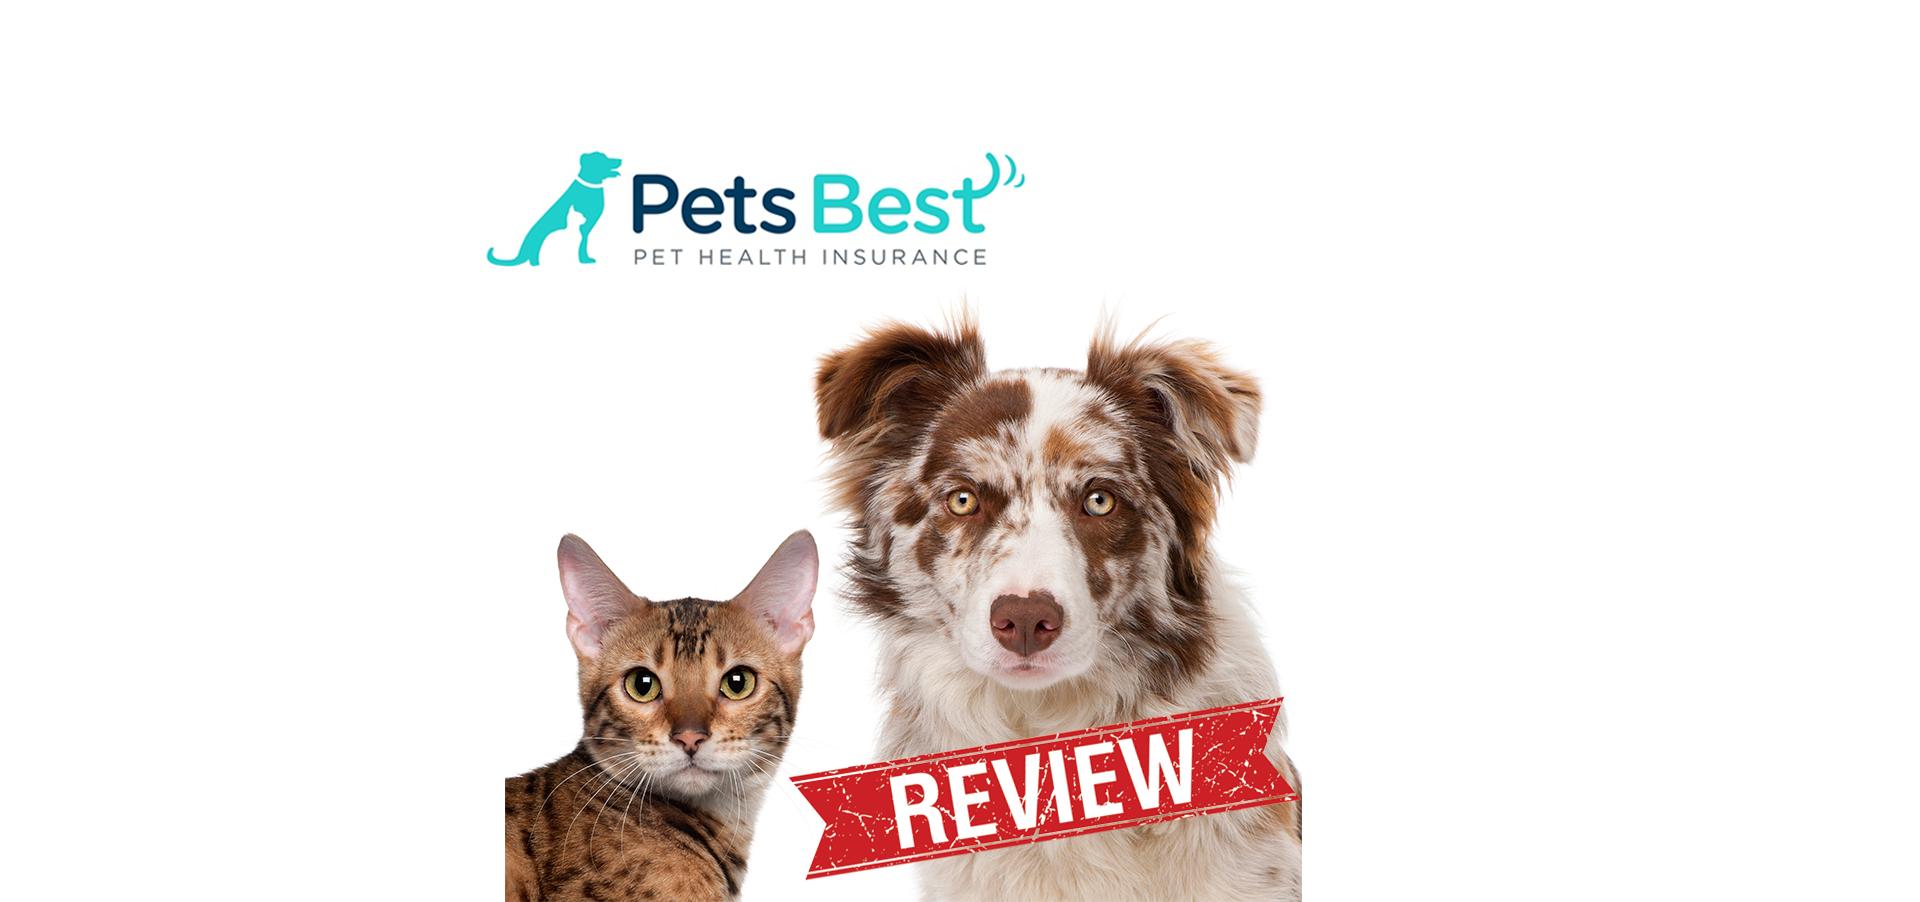 Pets Best Pet Insurance Review Pet Insurance U Pet Insurance Reviews Pet Insurance Cost Pet Care Printables